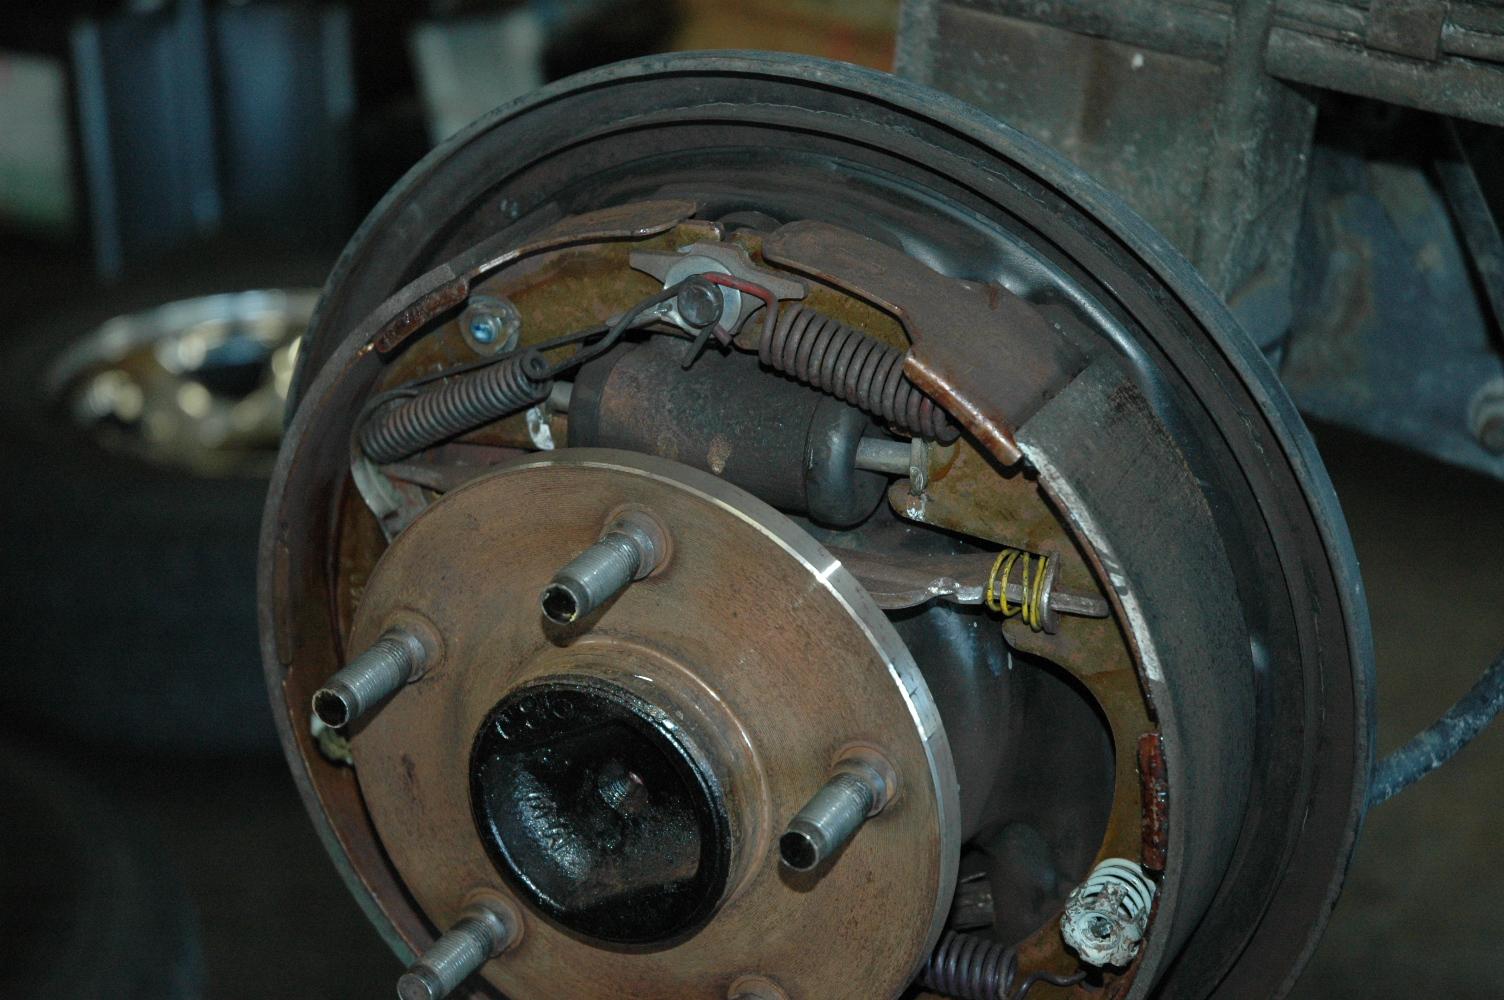 ダッジ ラムトラック リアブレーキホイルシリンダー交換